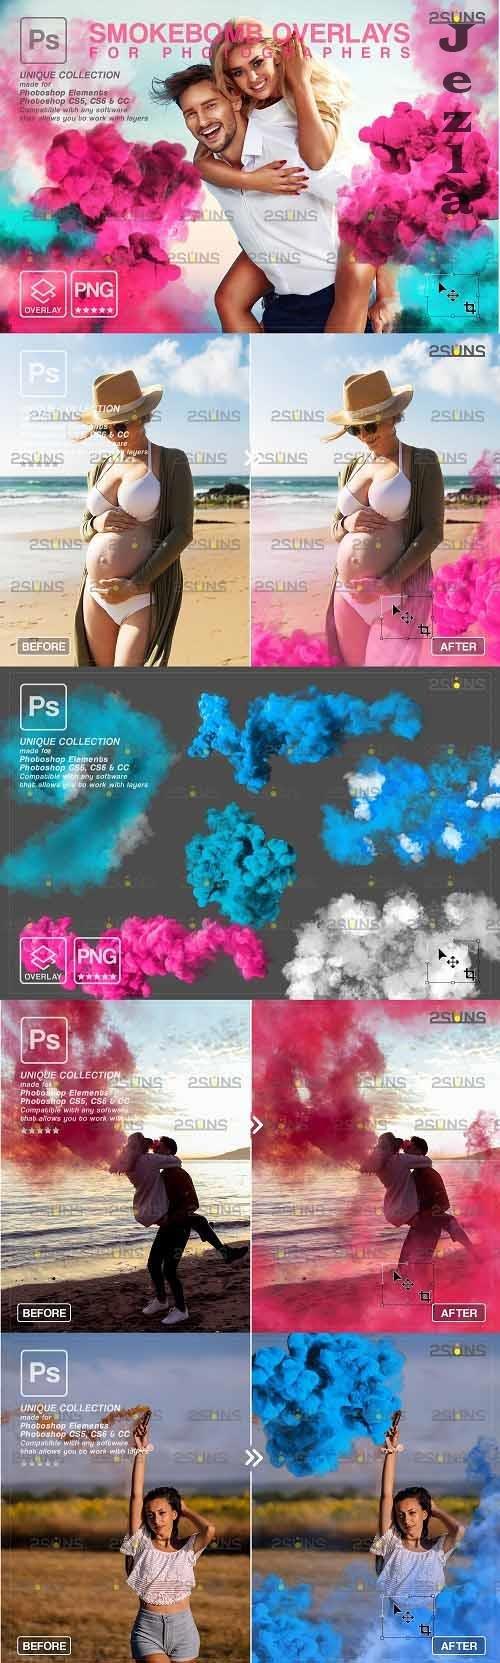 Gender reveal smoke photoshop overlay & Pink smoke bomb - 1612660